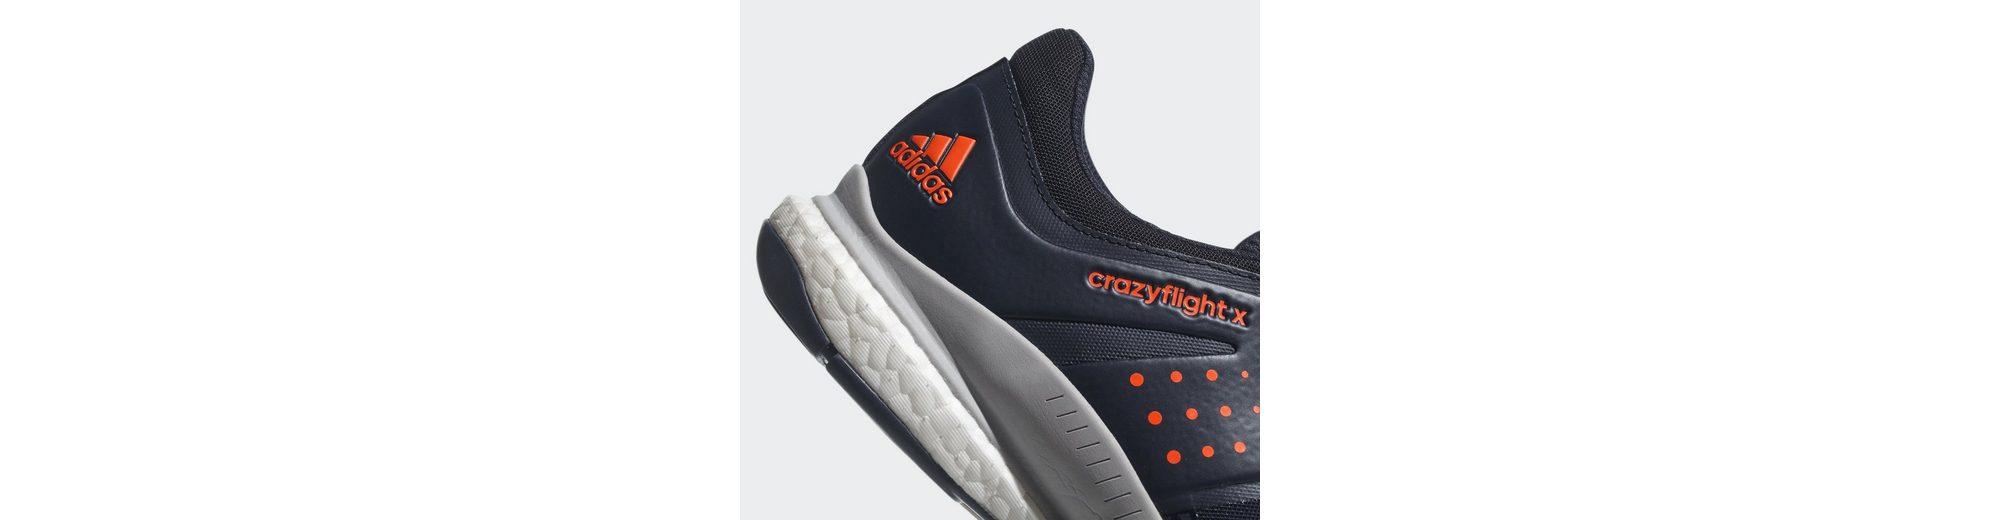 adidas Performance Crazyflight X Schuh Trainingsschuh Neueste Zum Verkauf Erhalten Authentisch Zu Verkaufen Neueste Günstig Online Mode-Stil Zu Verkaufen Amazon Footaction 6KvvPV8